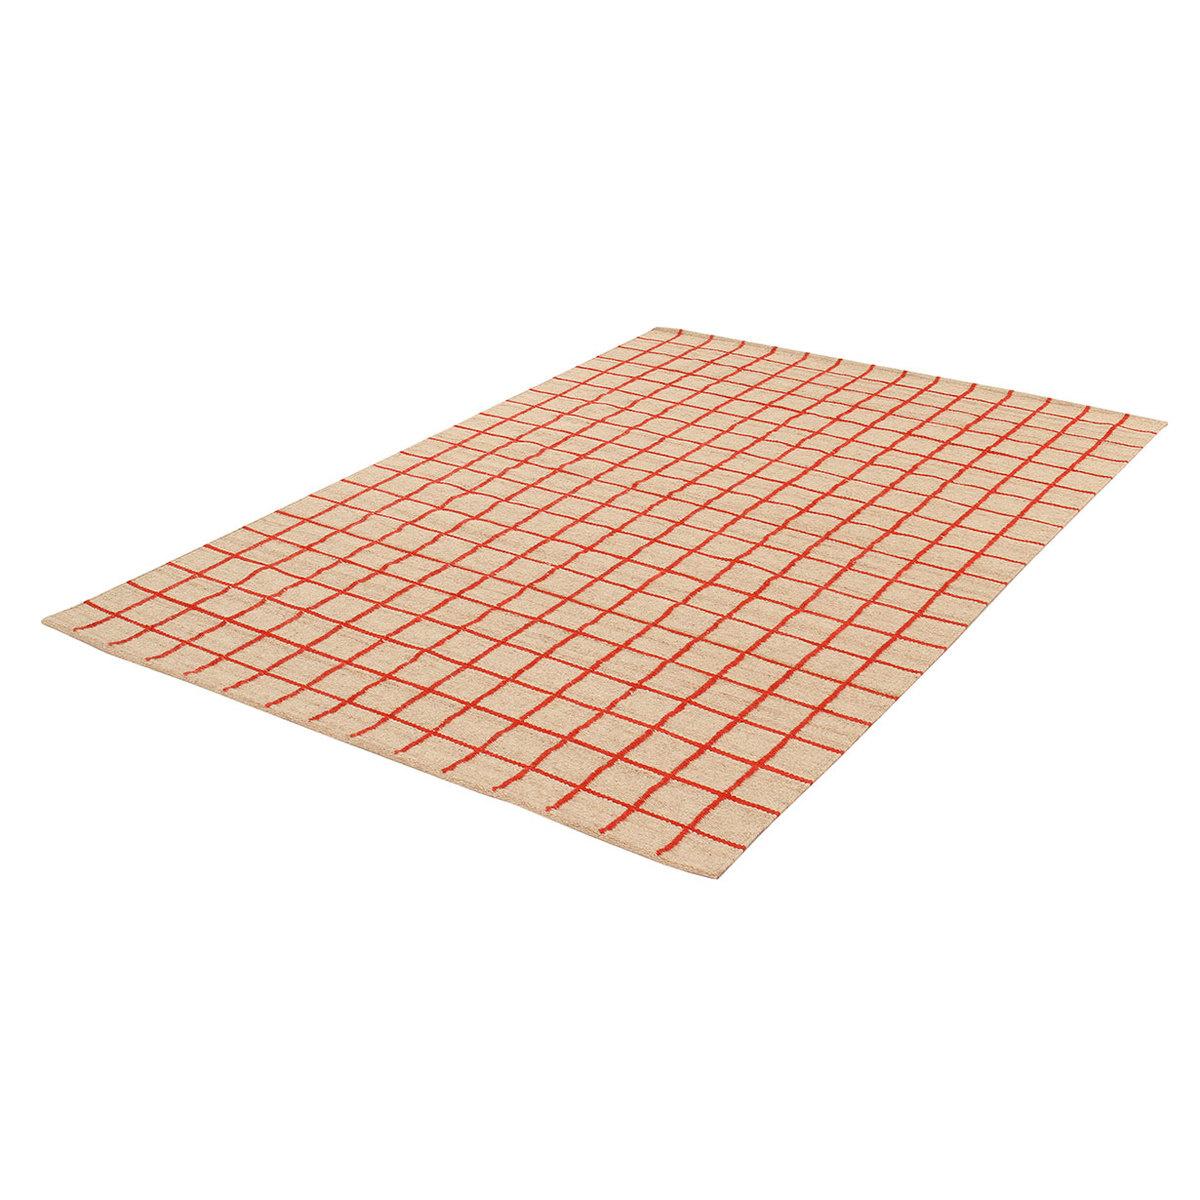 Tappeto kilim box 160x230 cm by jalal lovethesign - Tappeto 160x230 ...